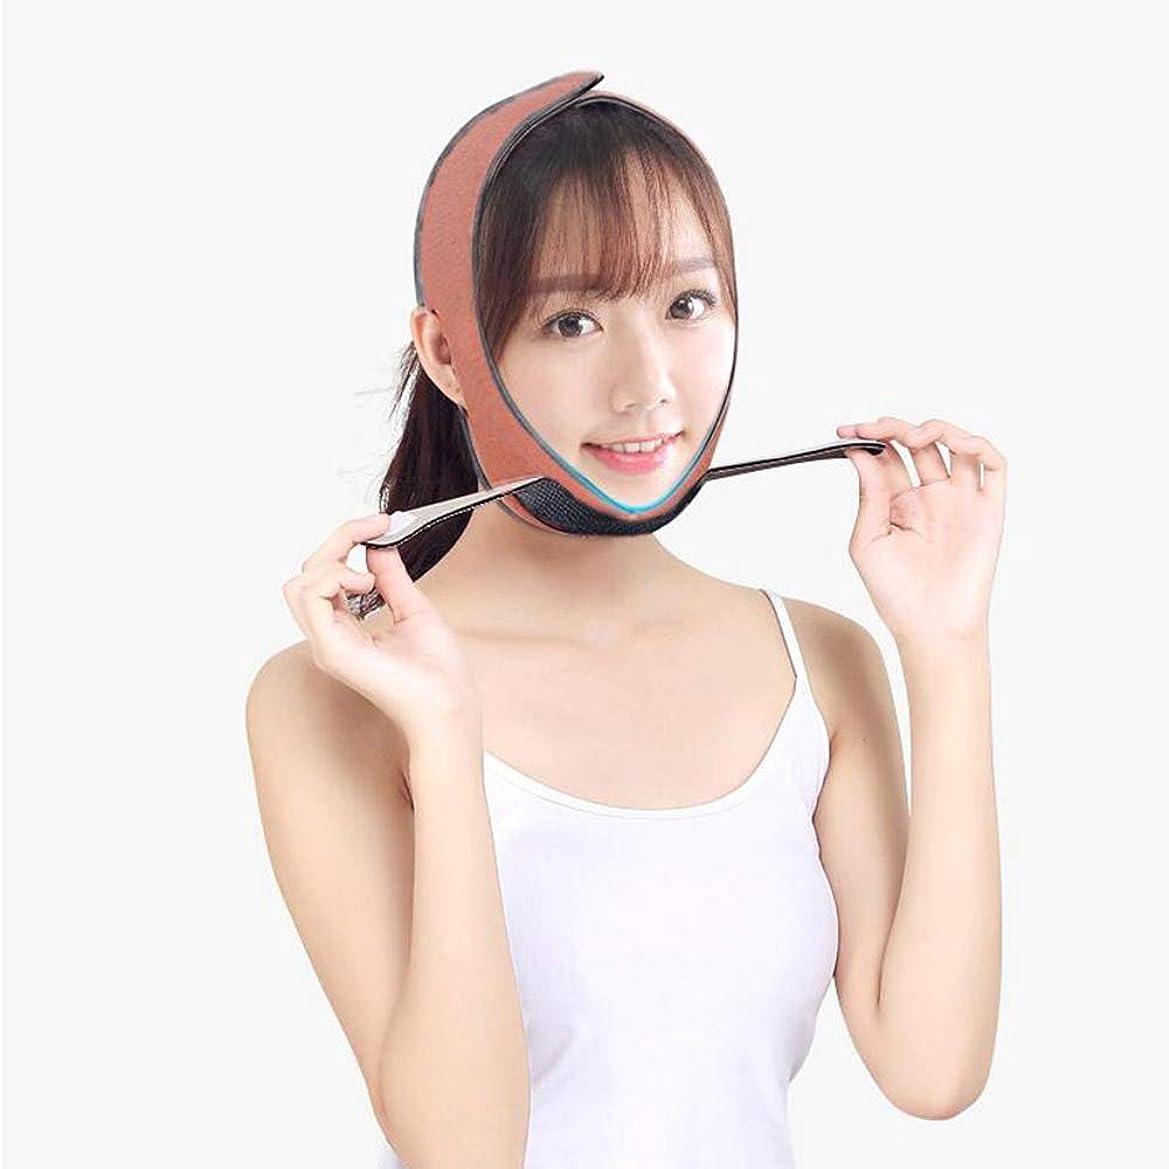 するだろう恥ガラガラGYZ フェイシャルリフティングスリミングベルト - 薄いフェイス包帯Vフェイス包帯マスクフェイシャルマッサージャー無料整形マスク顔と首の顔を引き締めますスリム Thin Face Belt